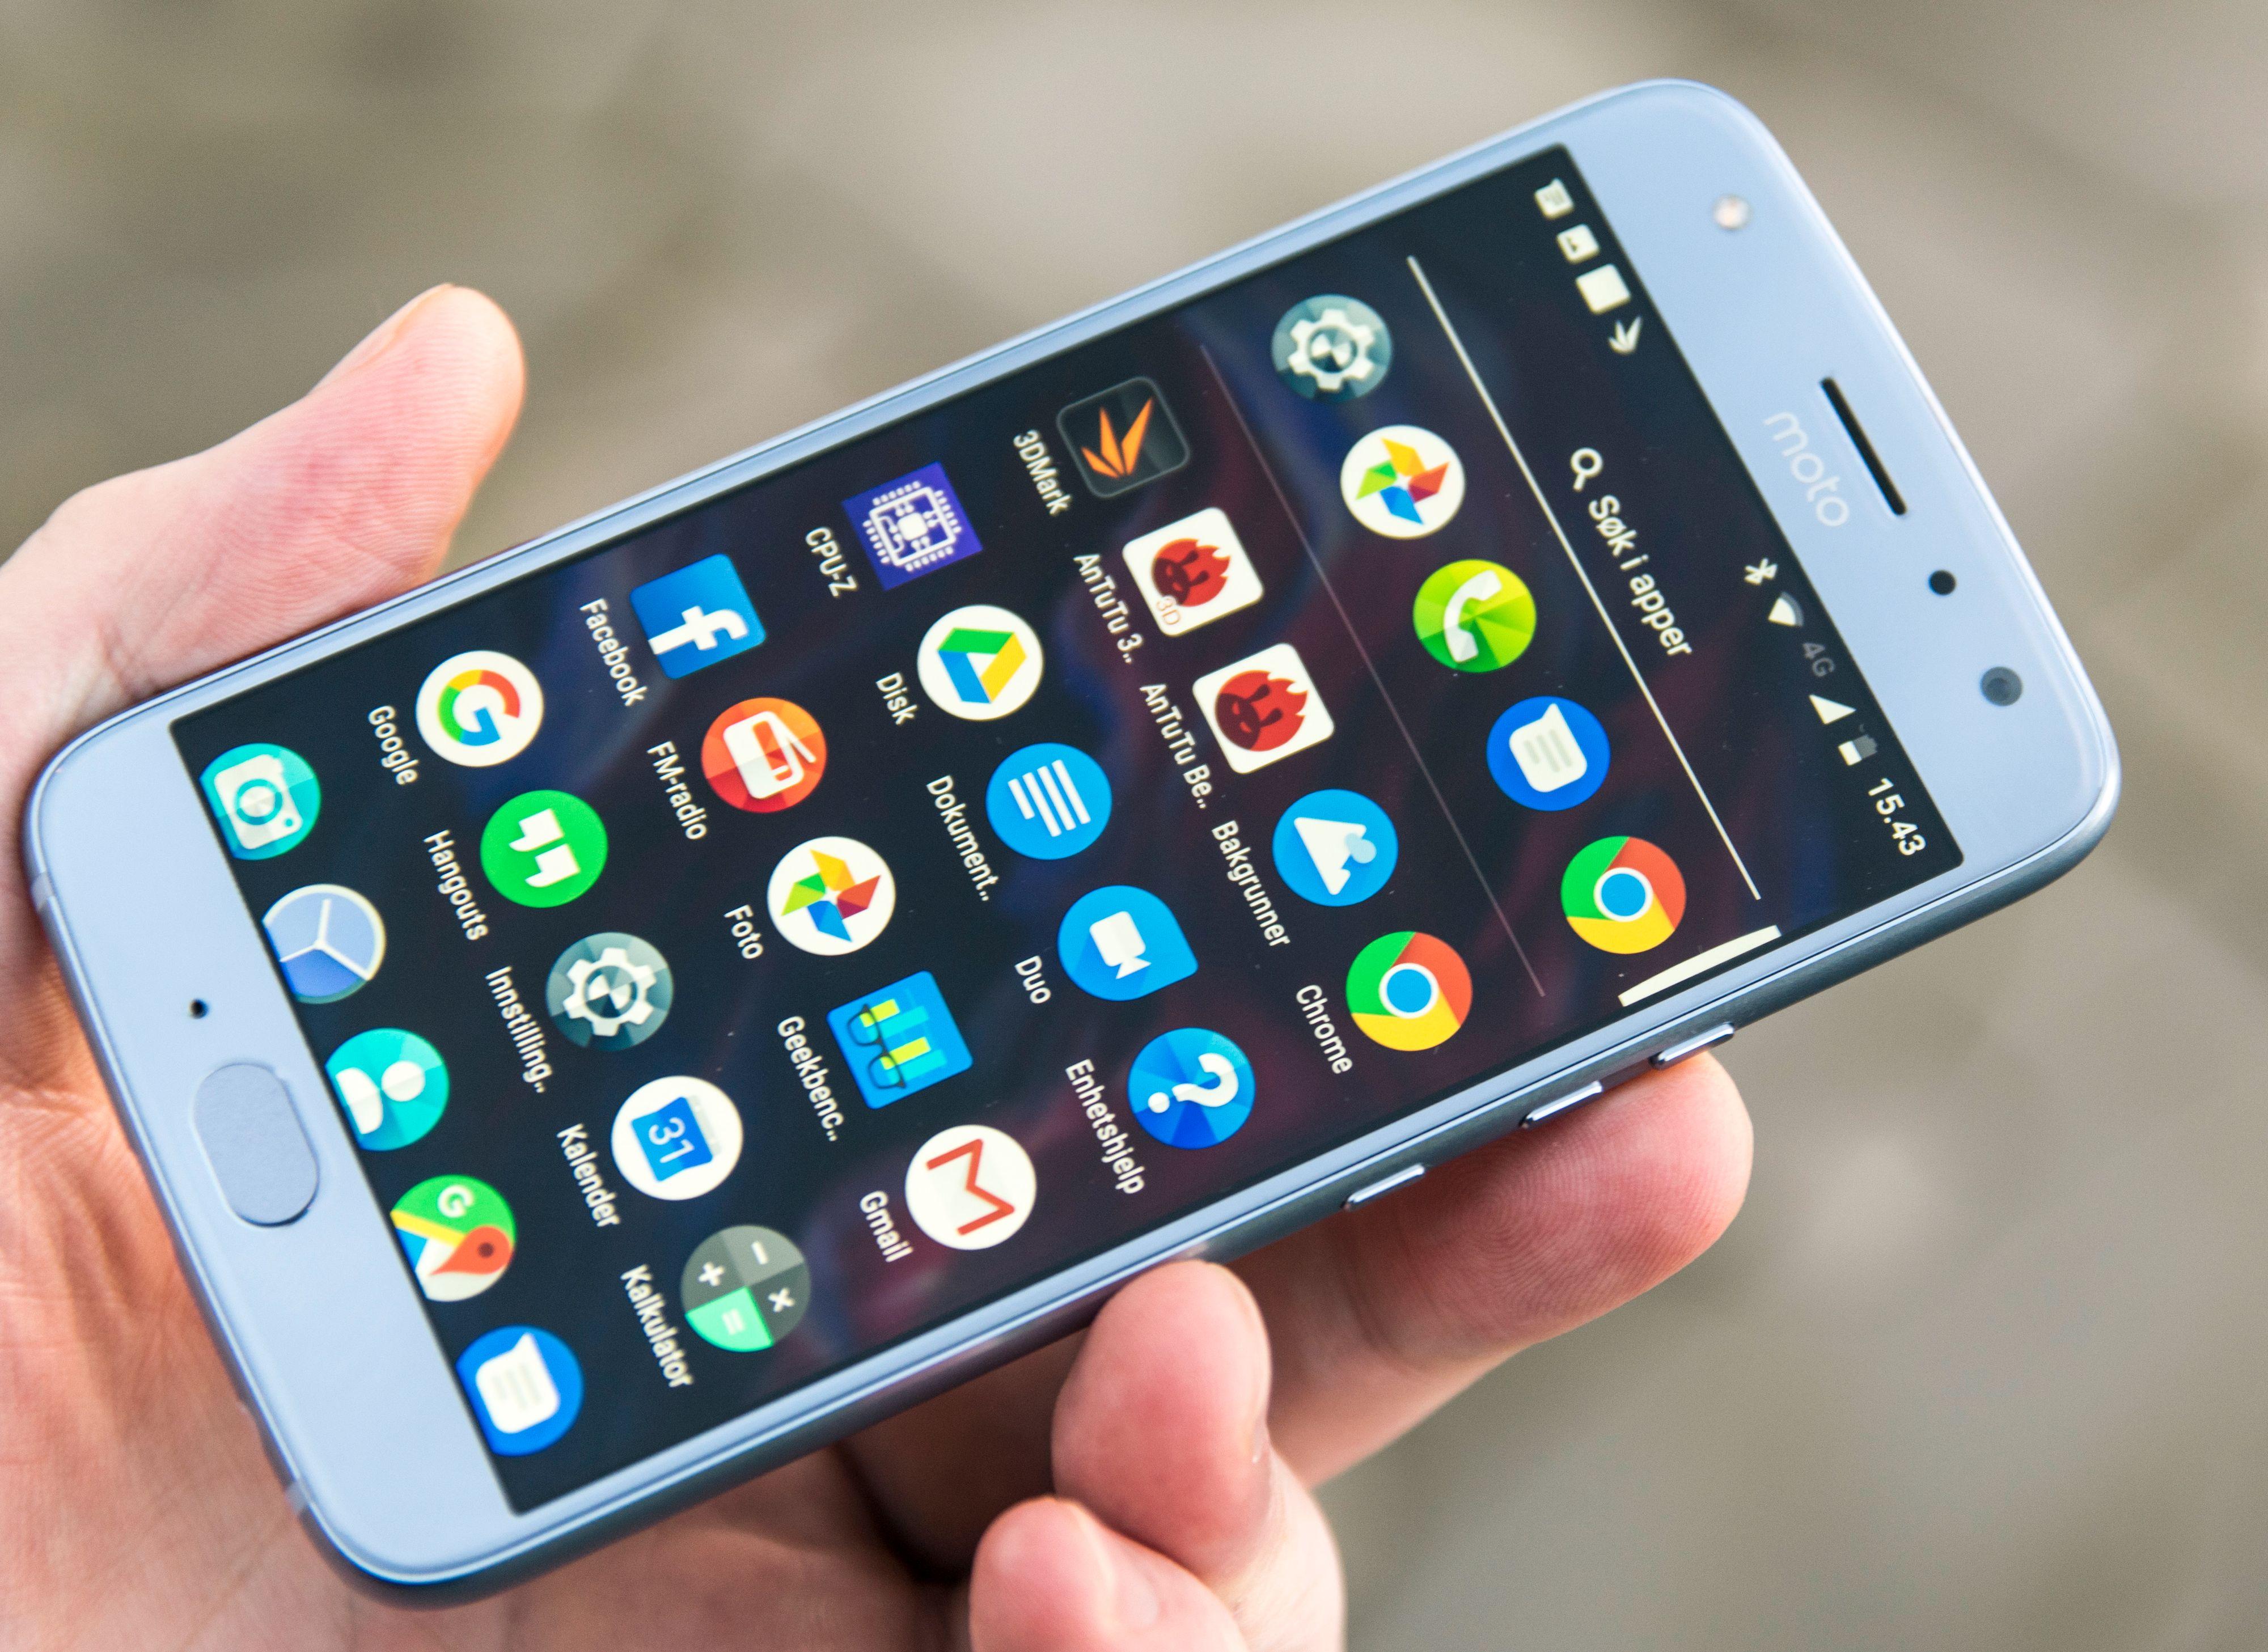 Med Outlook og LinkedIn forhåndsinstallert er det litt mer skrot i menyene her enn det pleier å være på Moto-mobiler. Forhåpentligvis blir det ikke enda verre i neste generasjon. Renhet, enkelhet og hastighet er blant de viktigste grunnene til at Motorolaer ofte kan hevde seg.